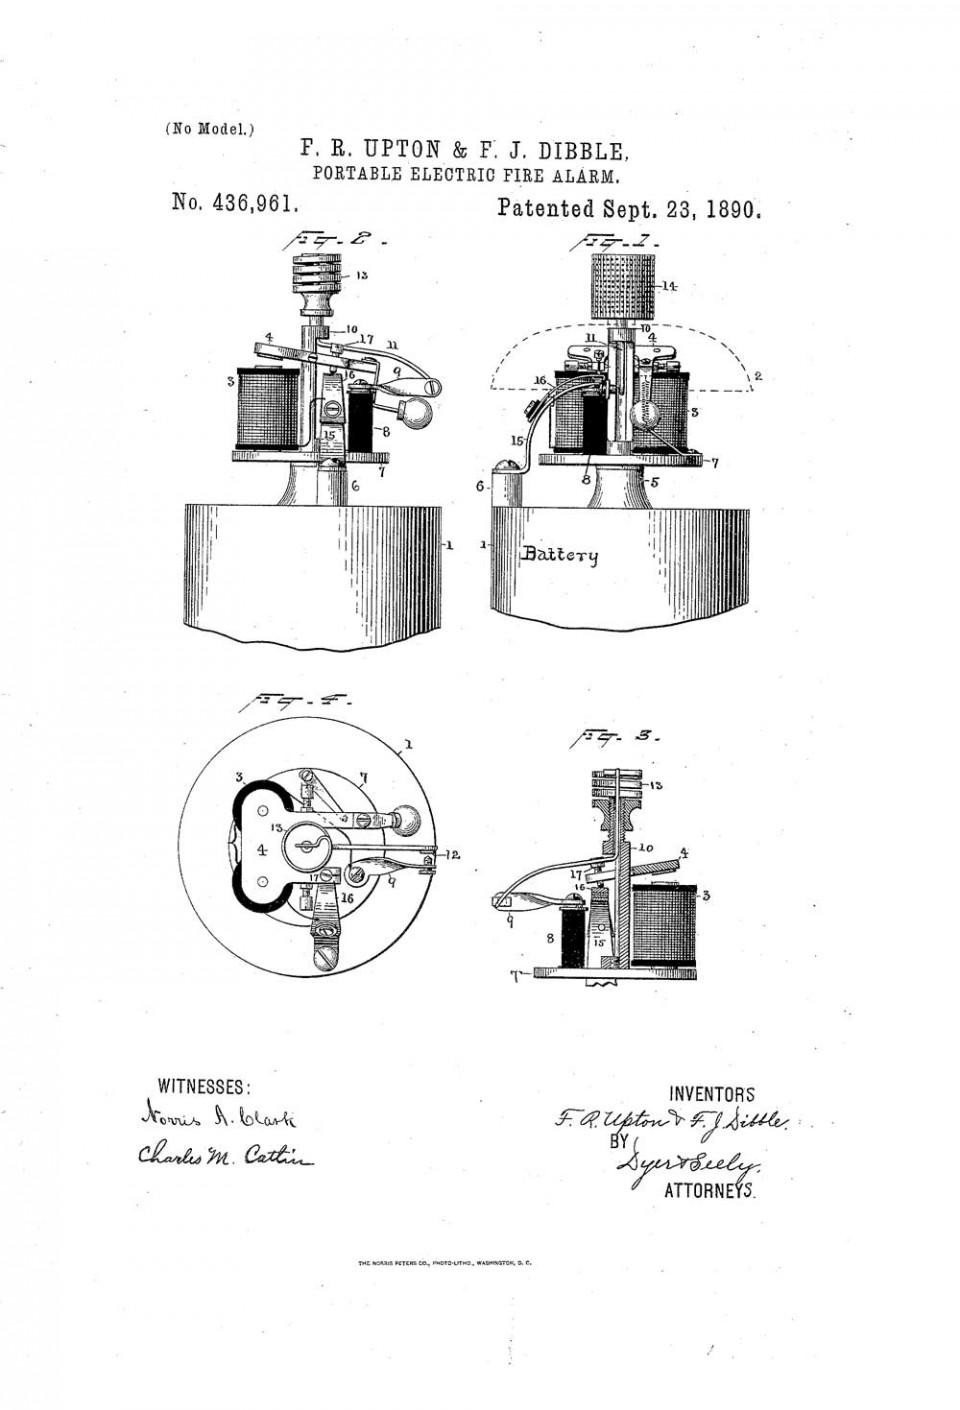 Рисунок автоматического пожарного извещателя из патента Аптона и Диббла, США, 1890 год